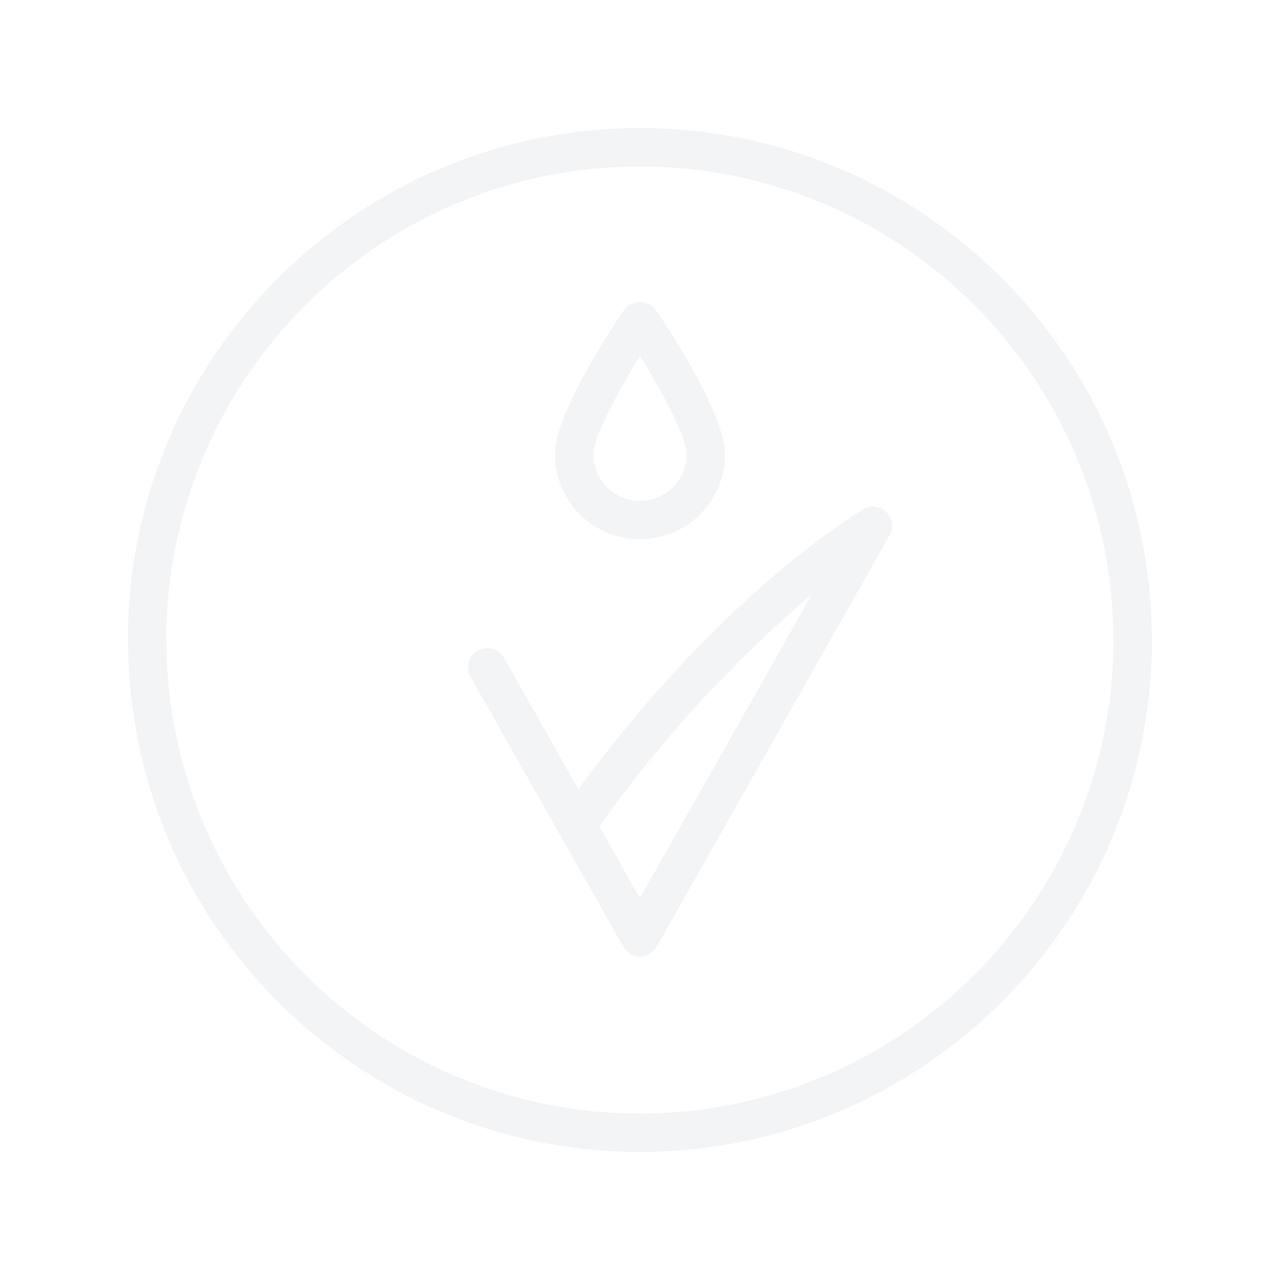 WELLA PROFESSIONALS EIMI Grip Cream